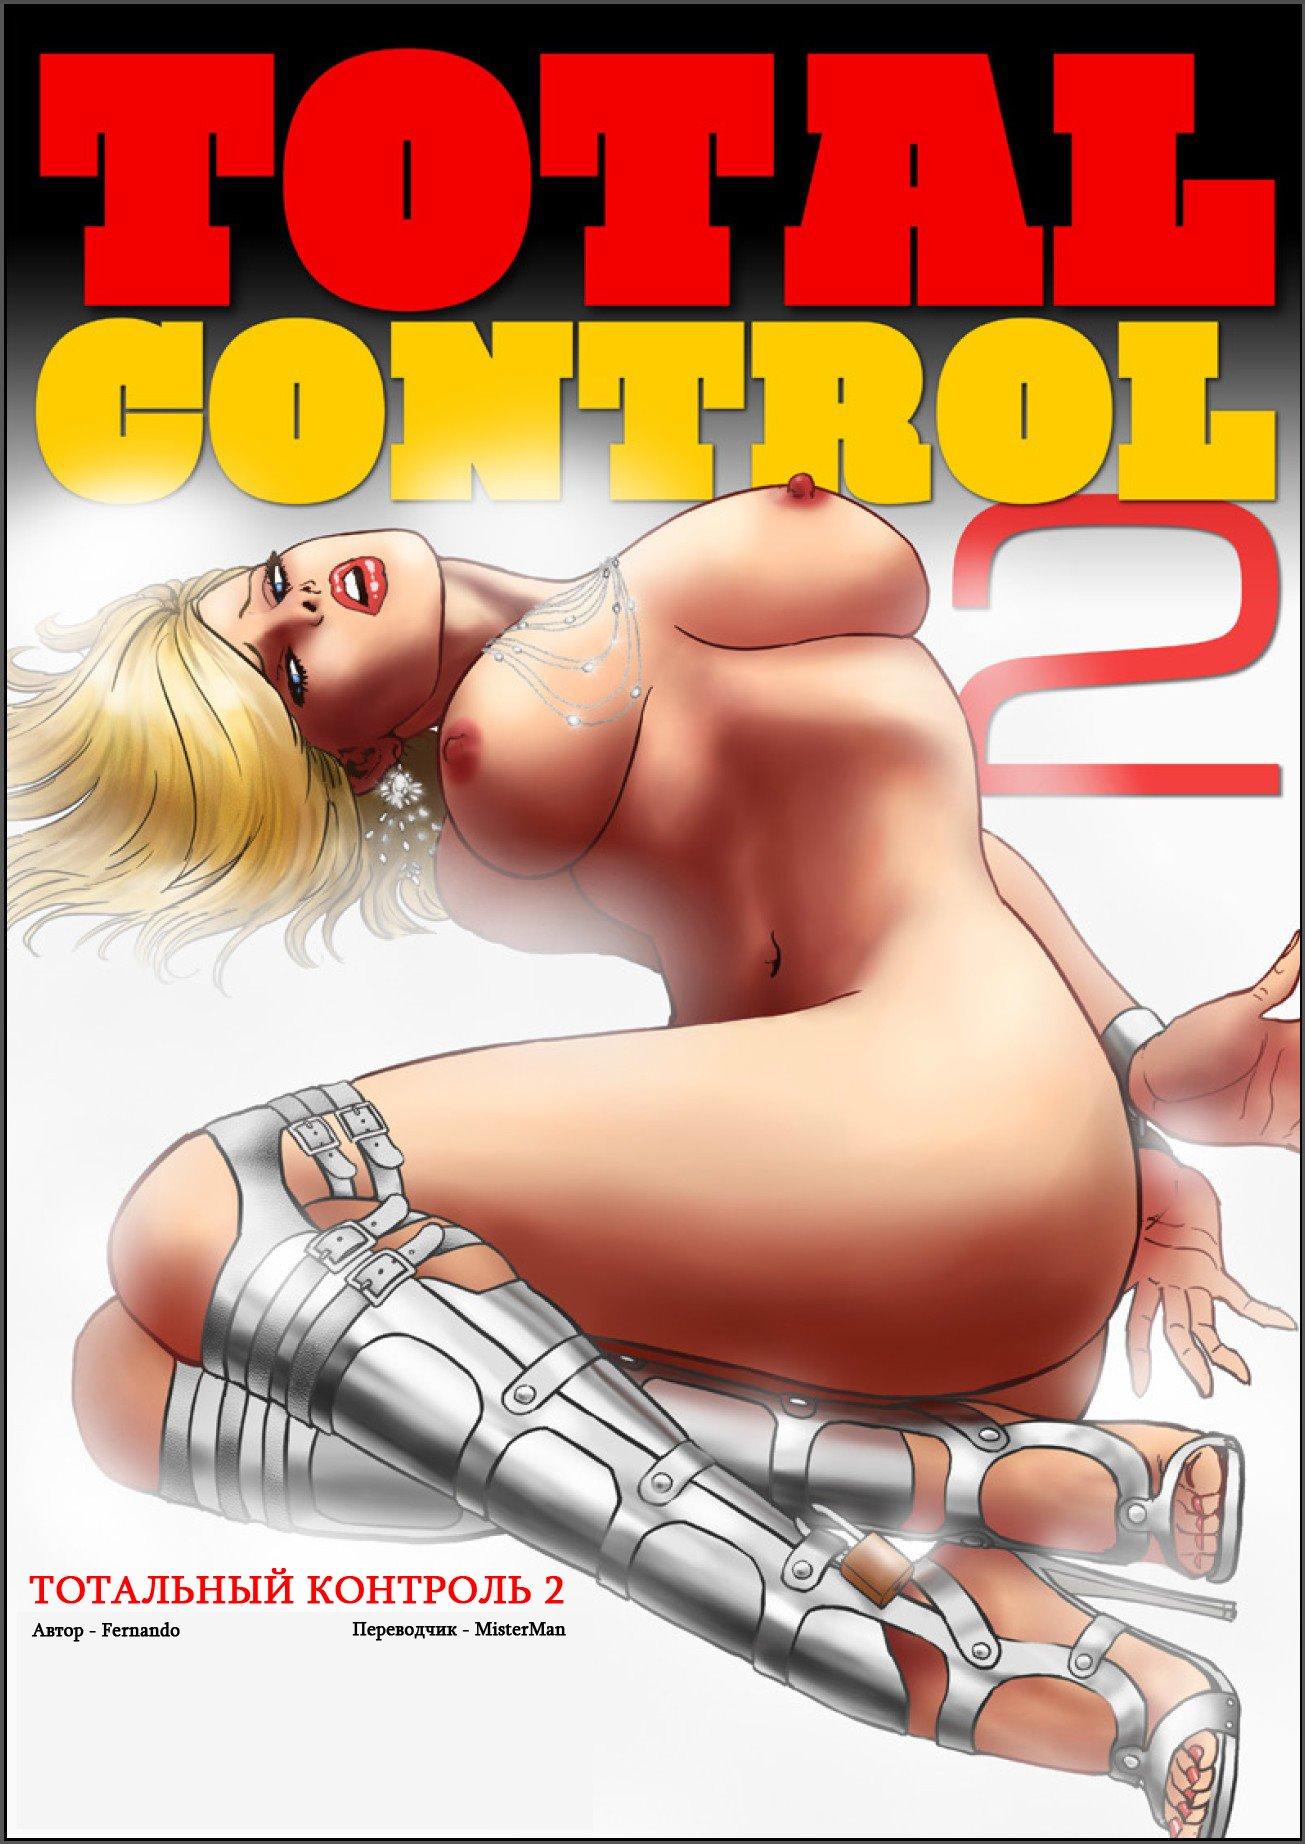 Порно комиксы - Тотальный контроль, часть 2 Минет, Анал, БДСМ, Двойное проникновение, Насилие